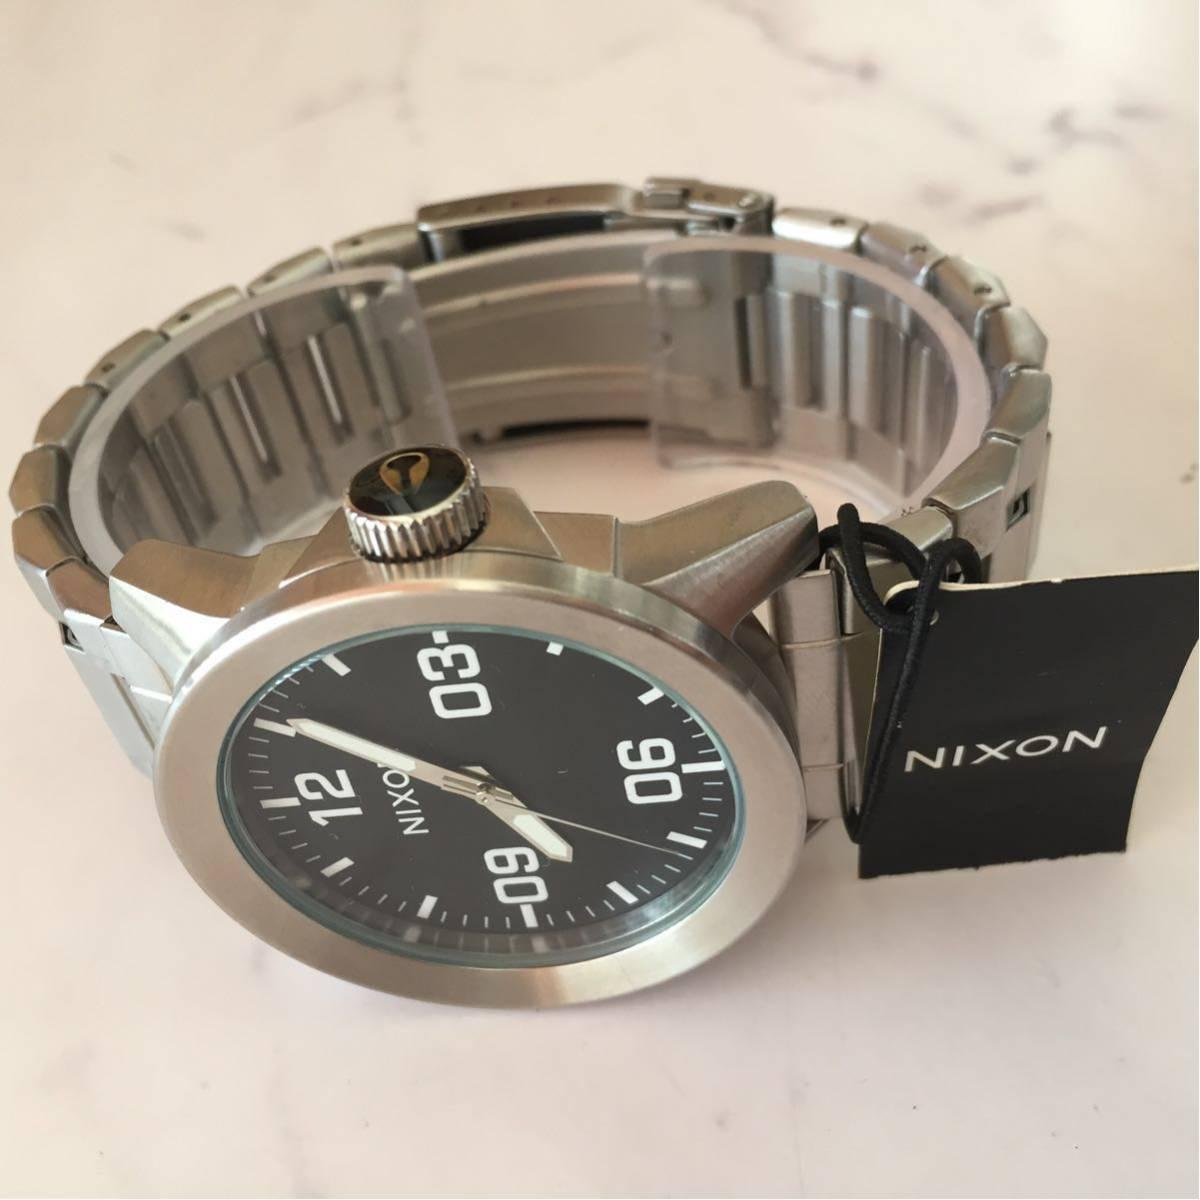 新品箱付き NIXON ニクソン 腕時計 PRIVATE プライベート A276-000 ブラック メタル A276000_画像3